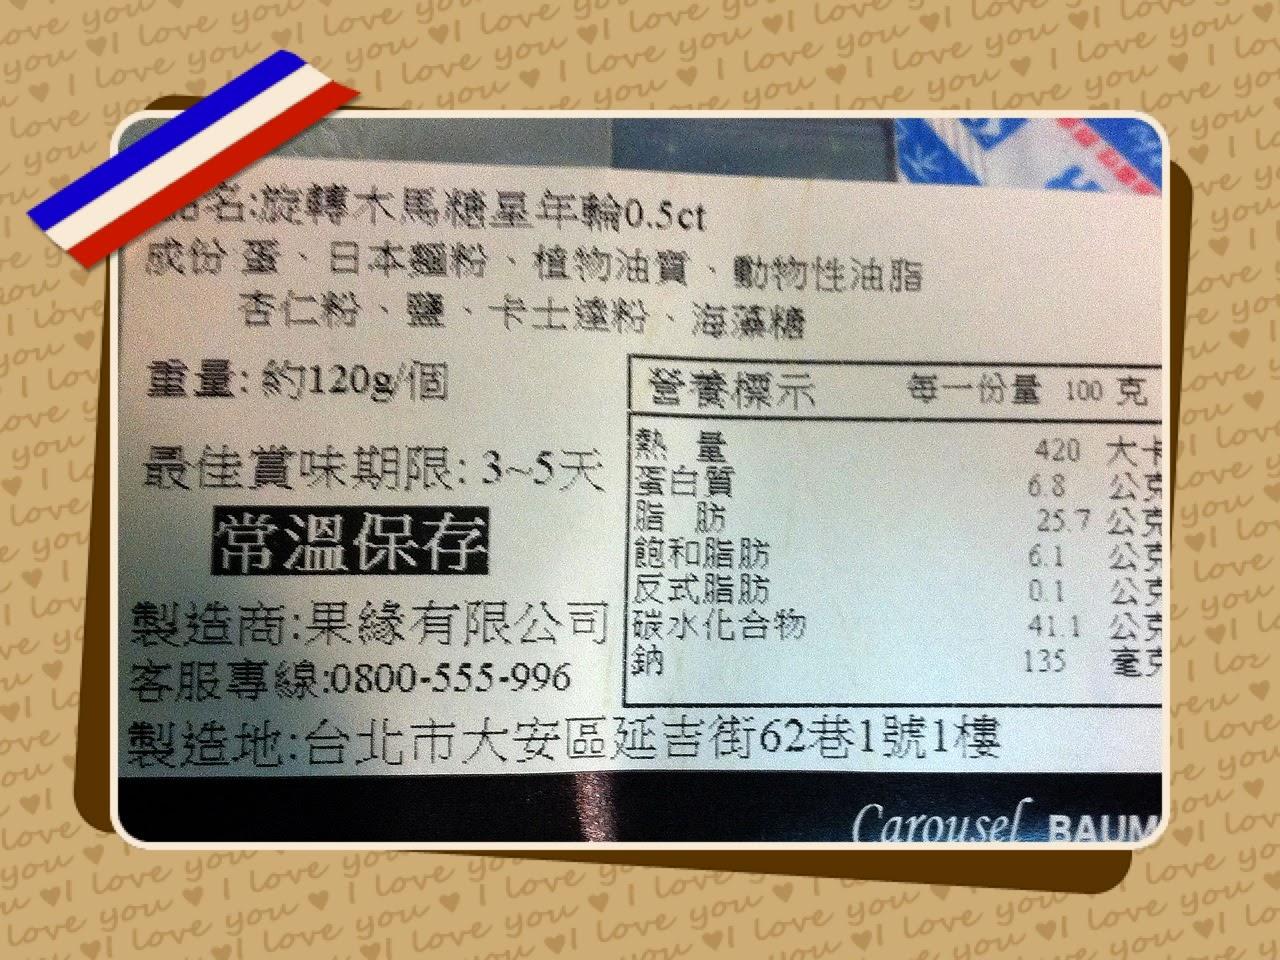 小氣夫妻的小日子: 彌月油飯蛋糕試吃2 (104.3.14更新)